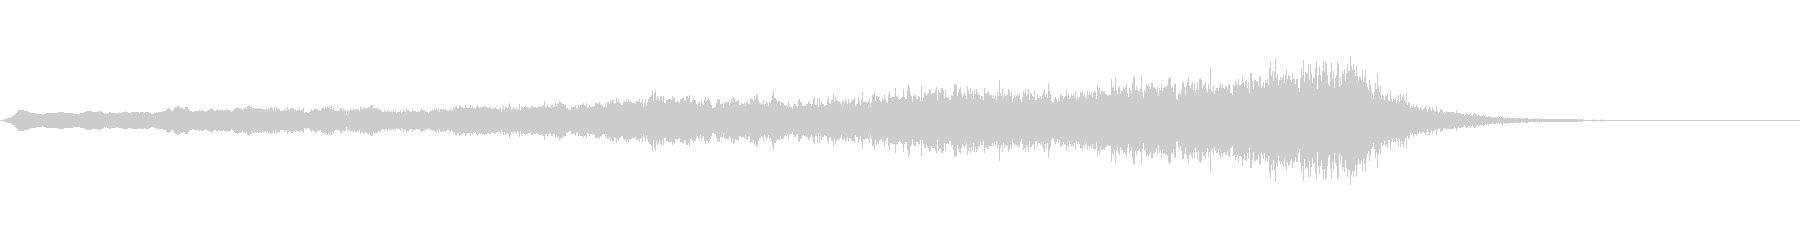 ホラー系効果音06の未再生の波形